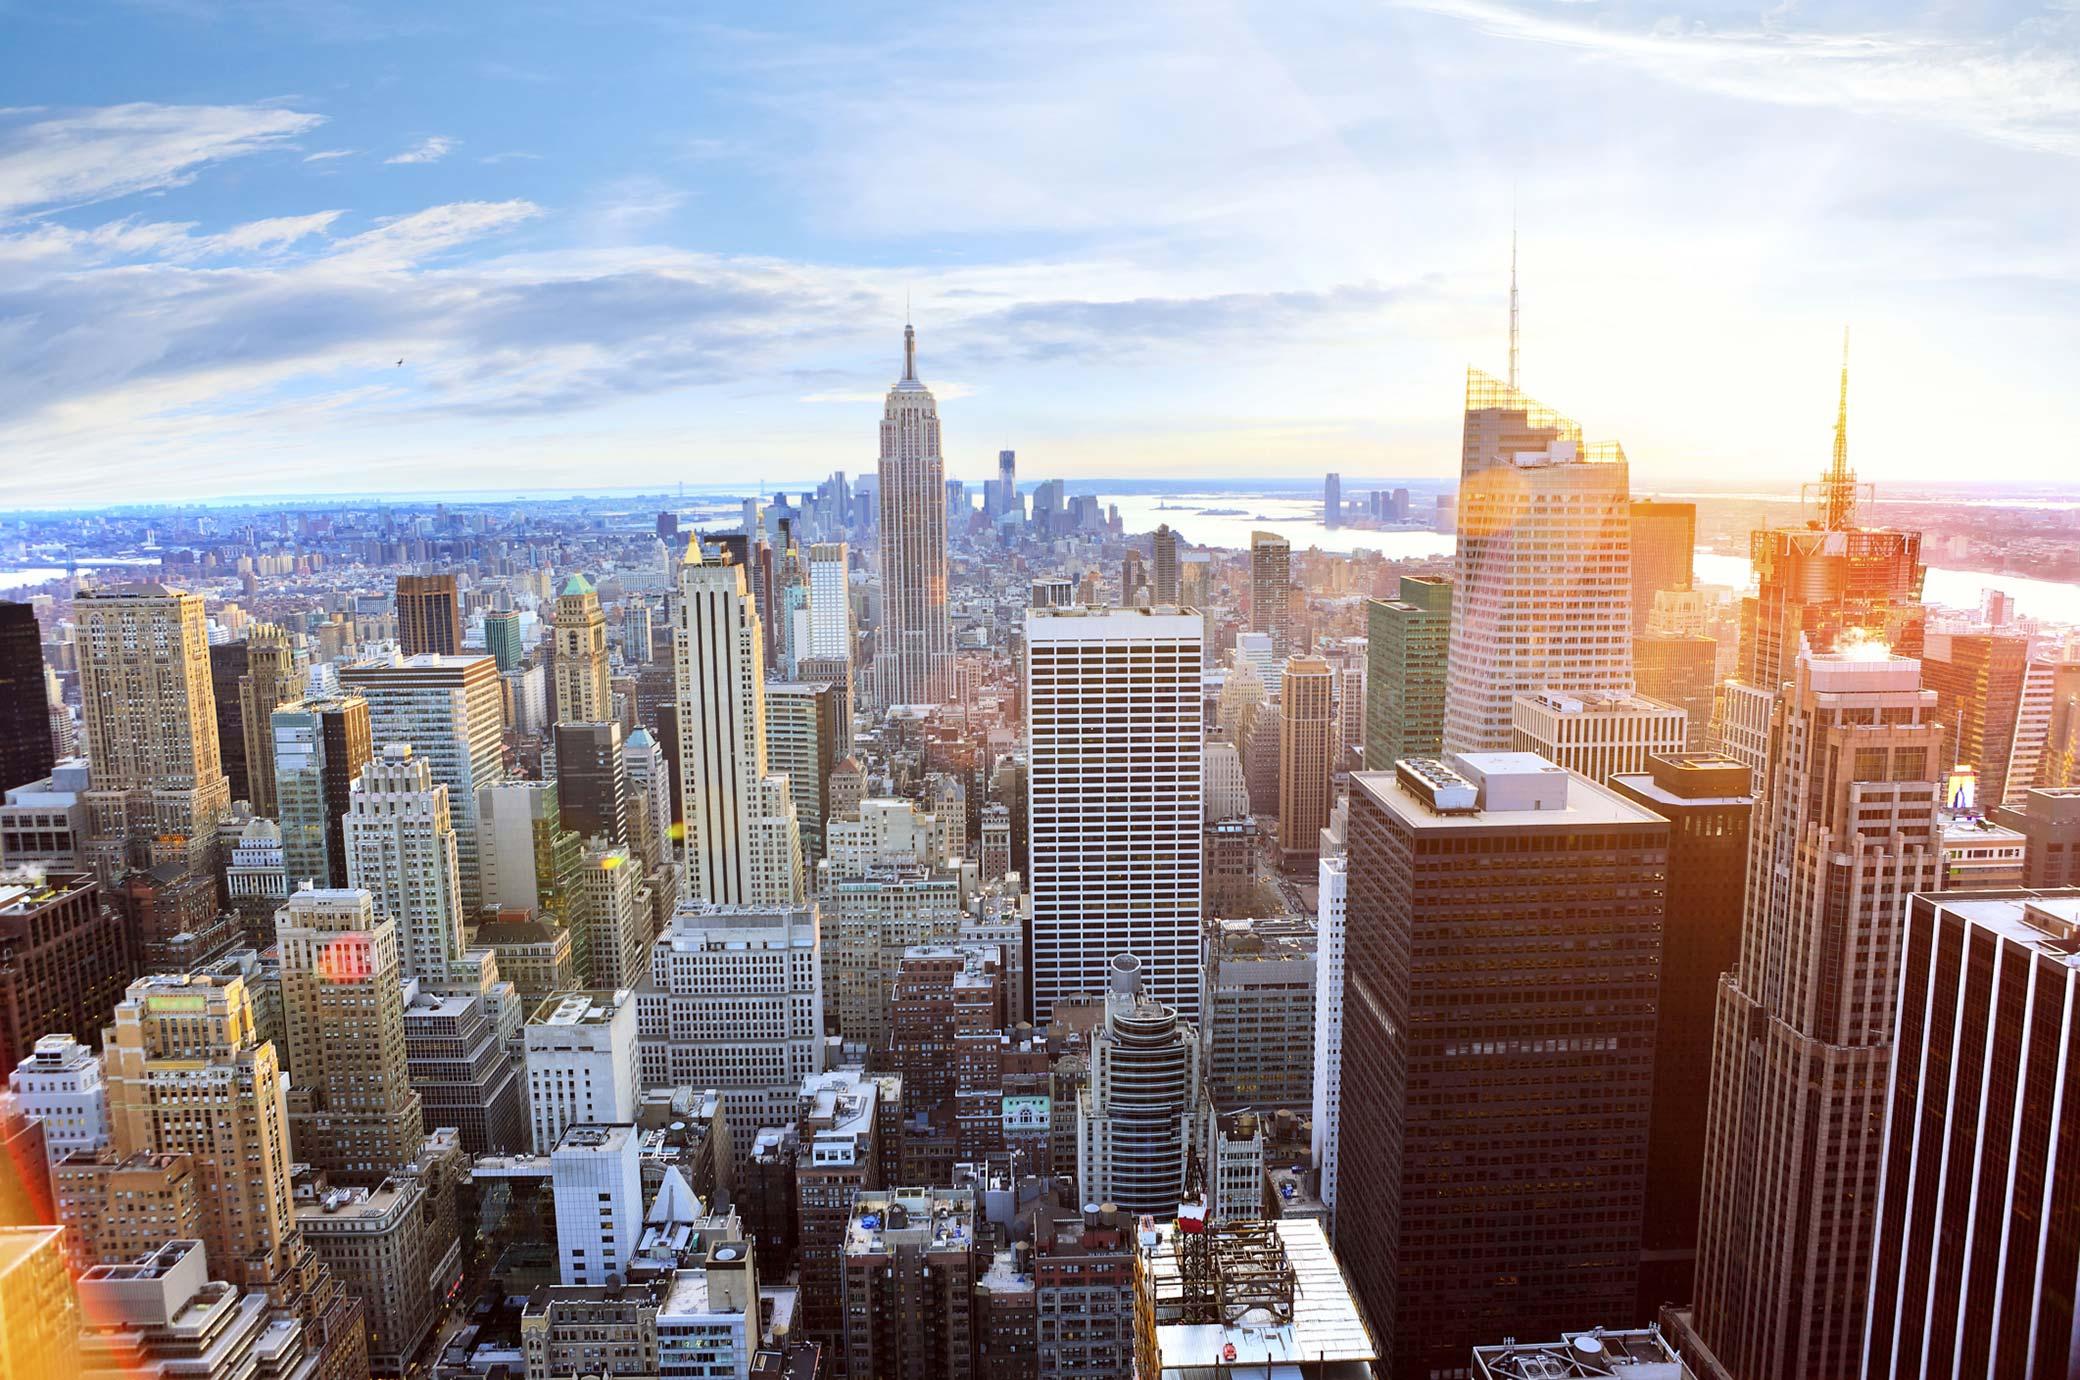 Aplicativo permite alugar períodos de minutos em hotéis de luxo nos EUA